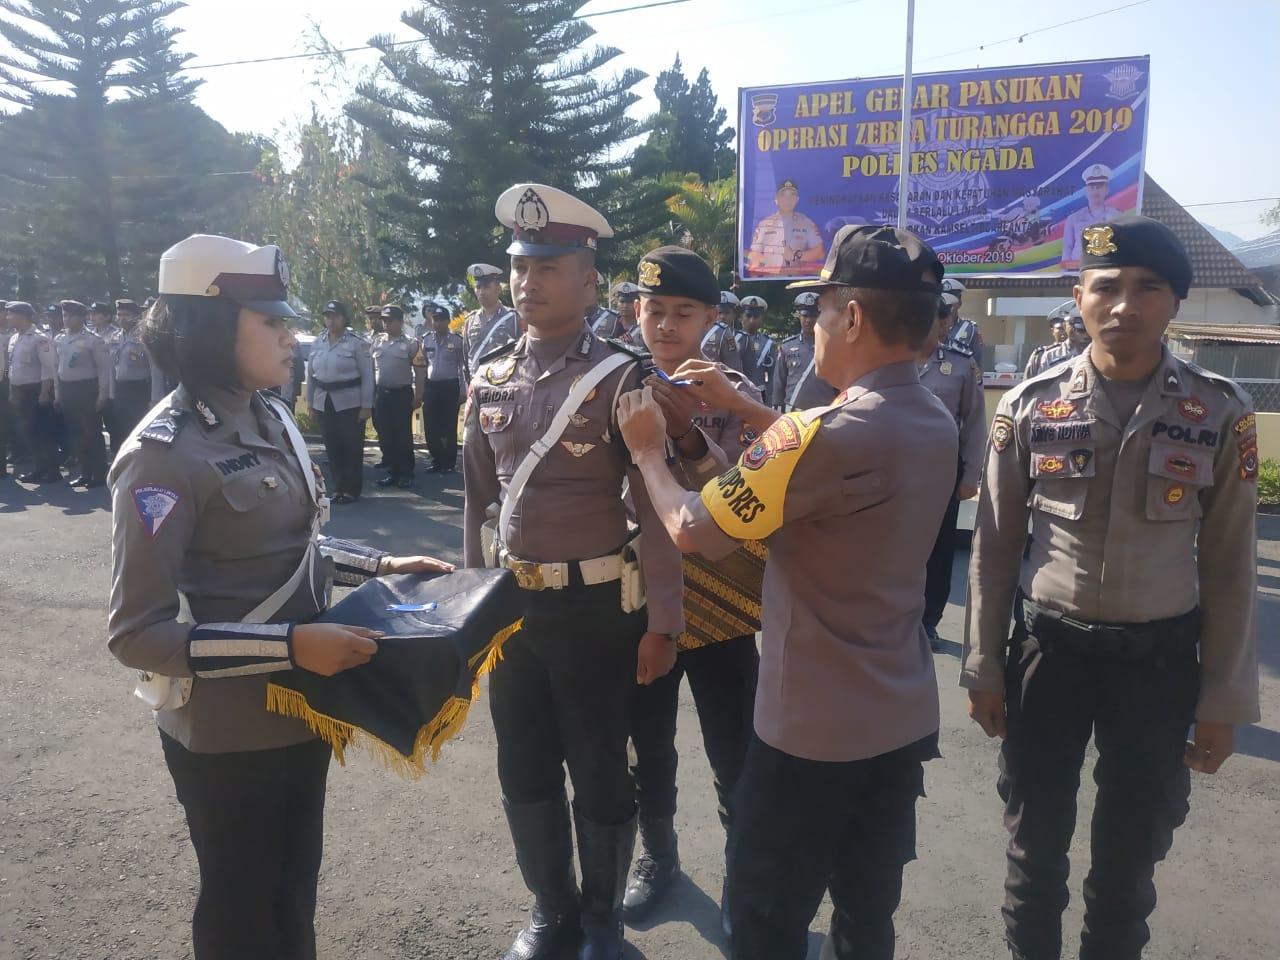 Polres Ngada Lakukan Gelar Pasukan Operasi Zebra Turangga 2019